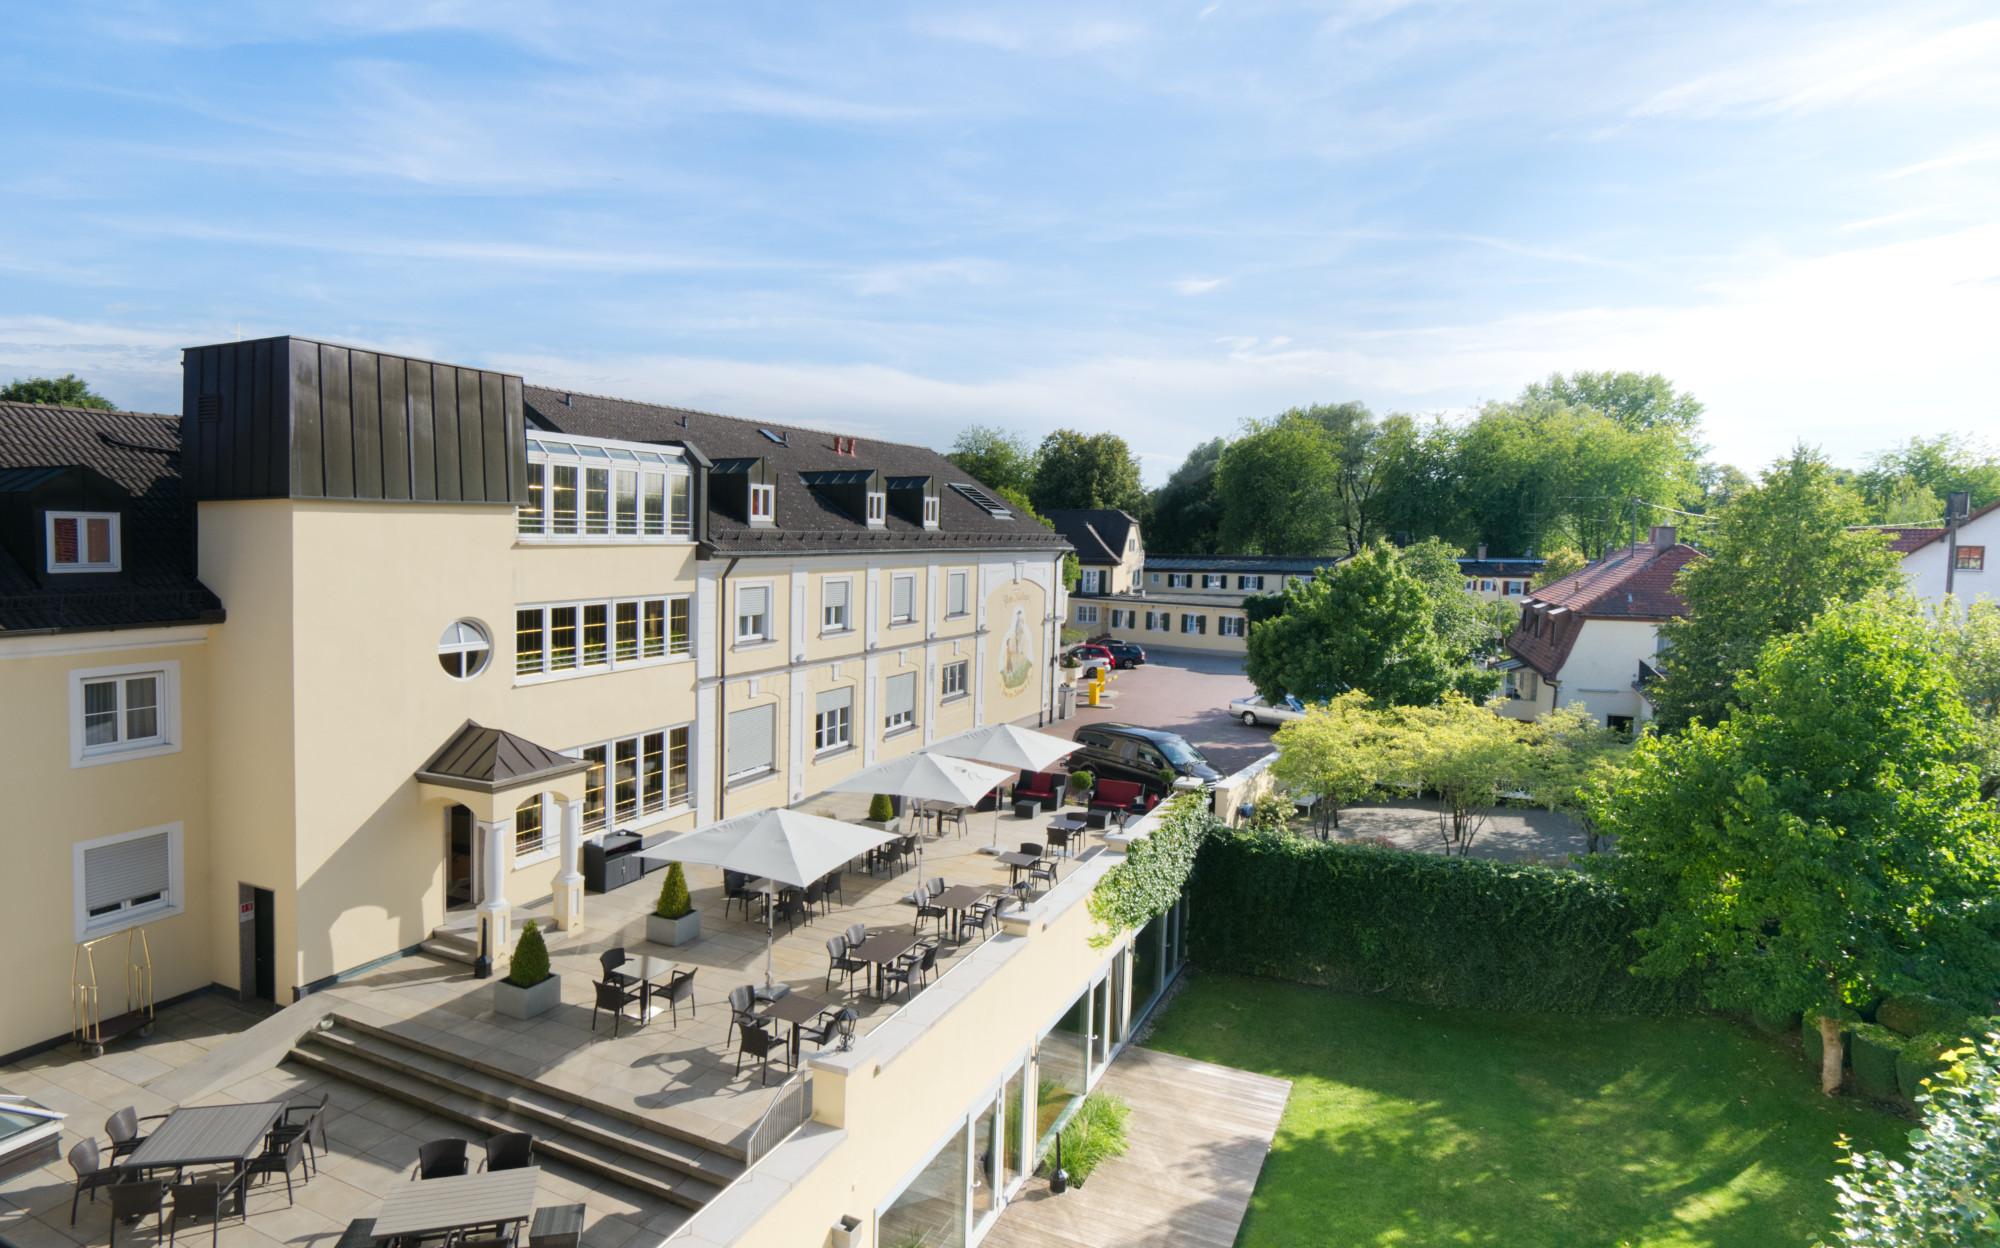 Blick auf den Innenhof des Hotels am Schlosspark zum Kurfürst